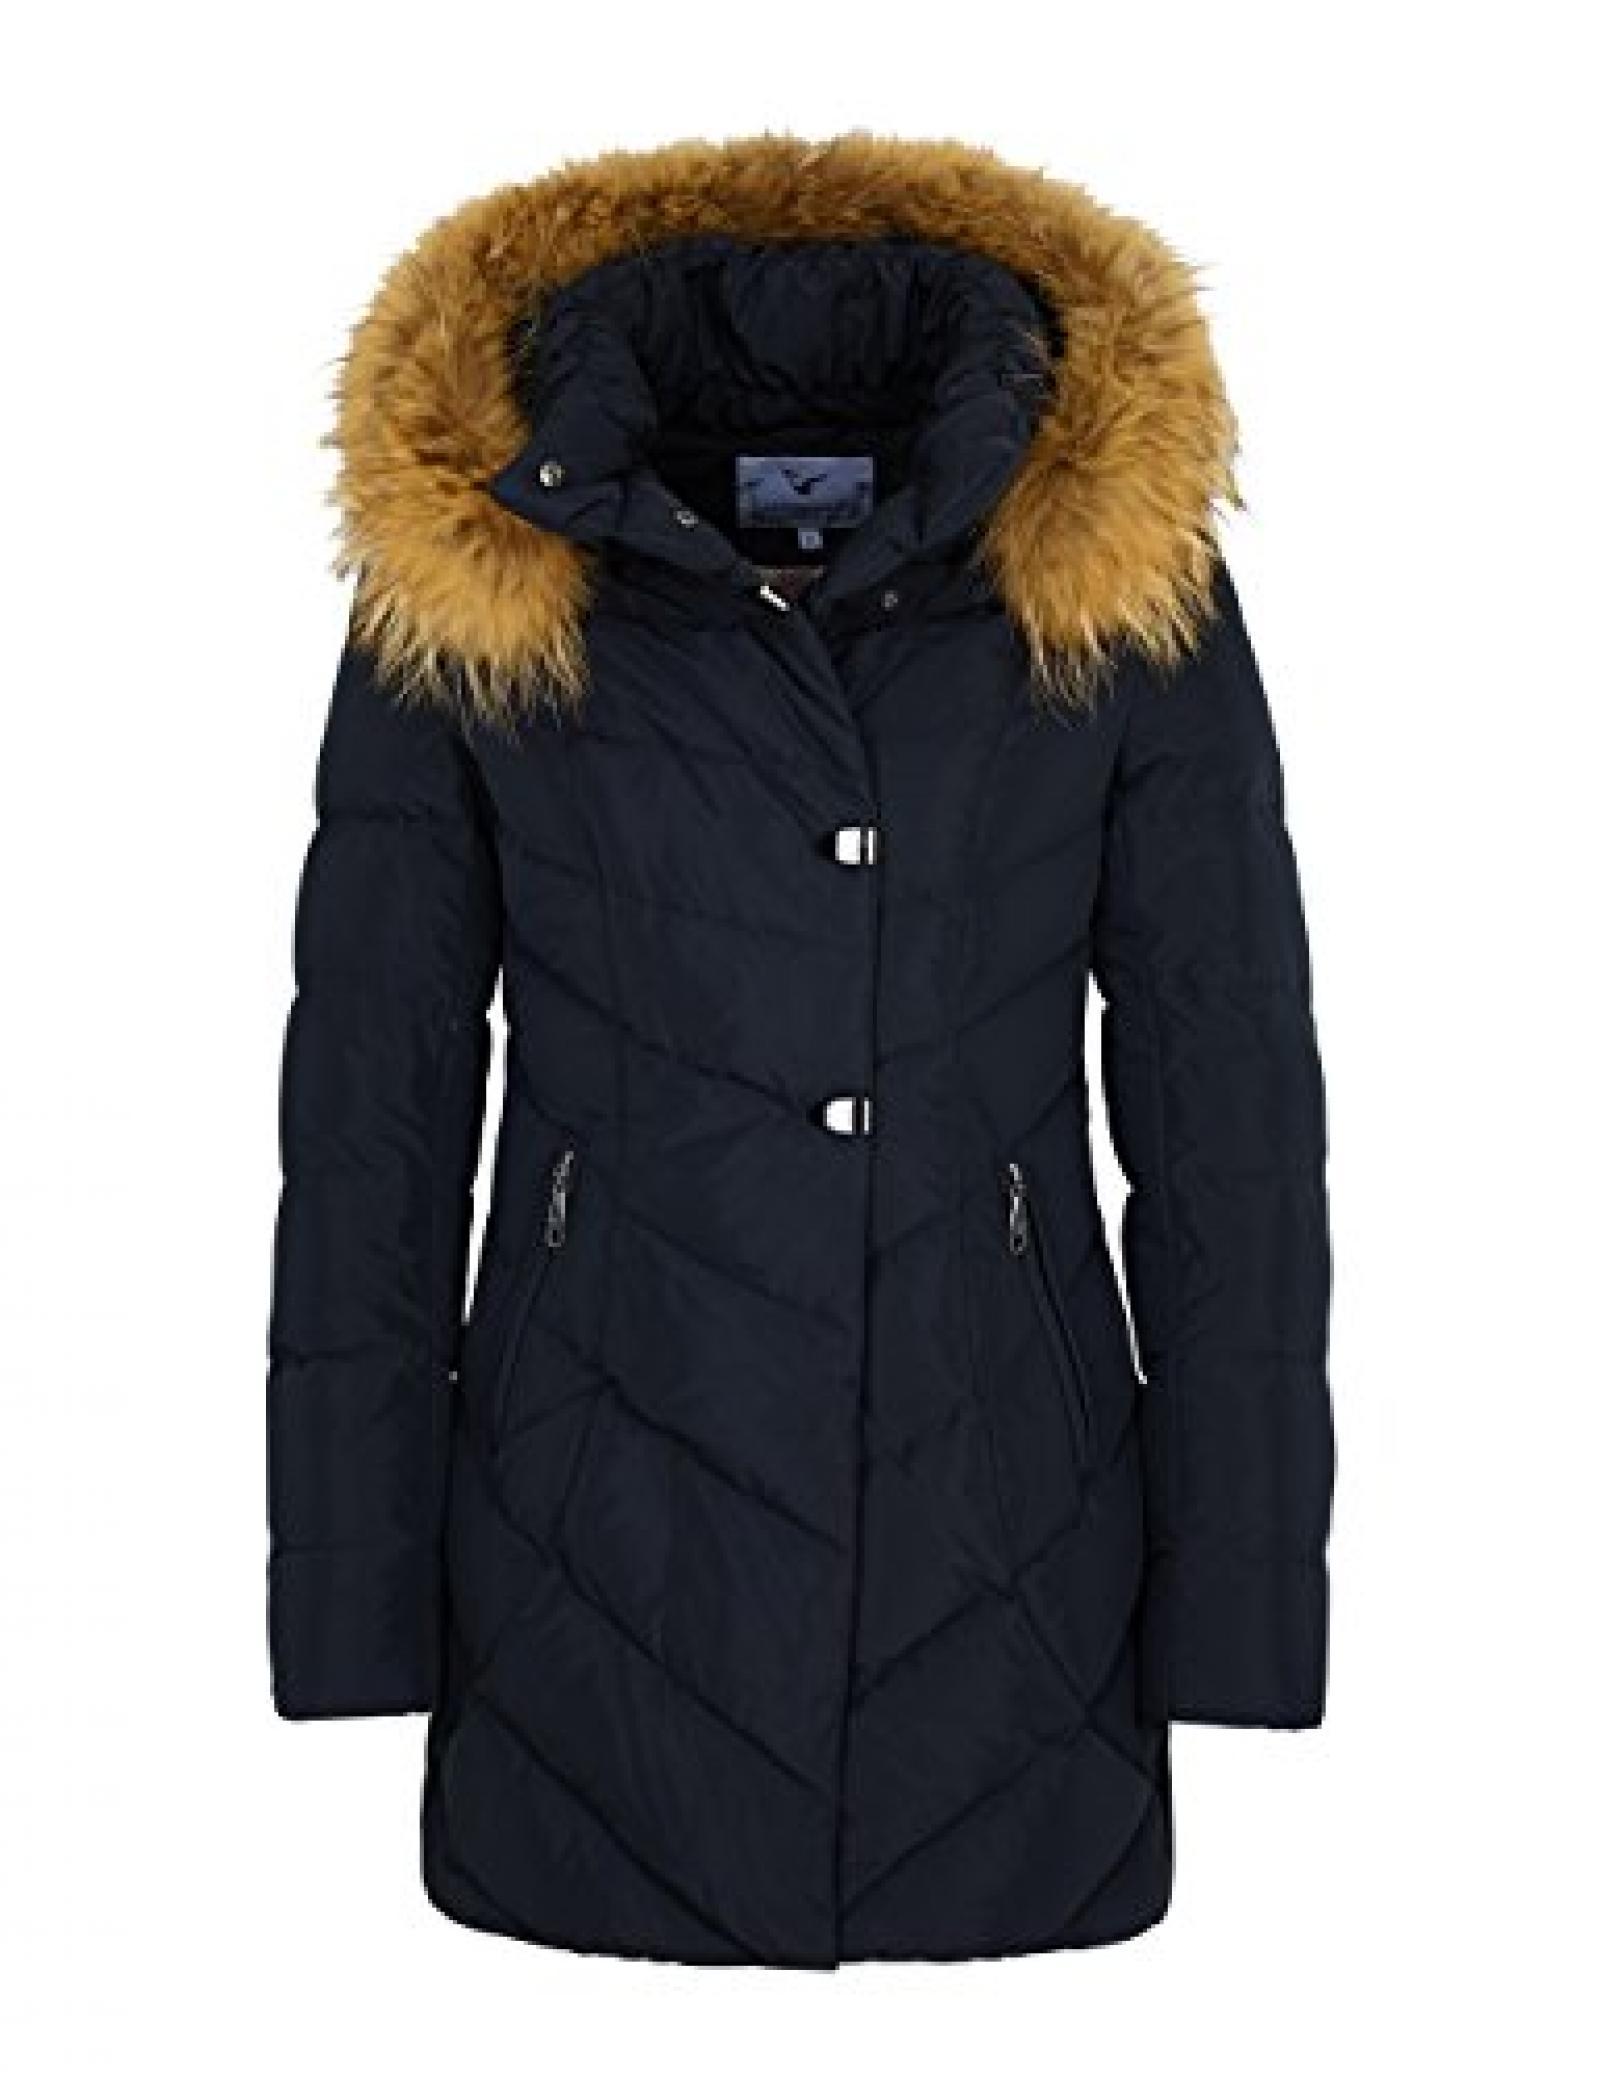 W203 Damen Daunenjacke Winterjacke Jacke mit Echtfell Echtfellkapuze schwarz HERBST/WINTER 2015